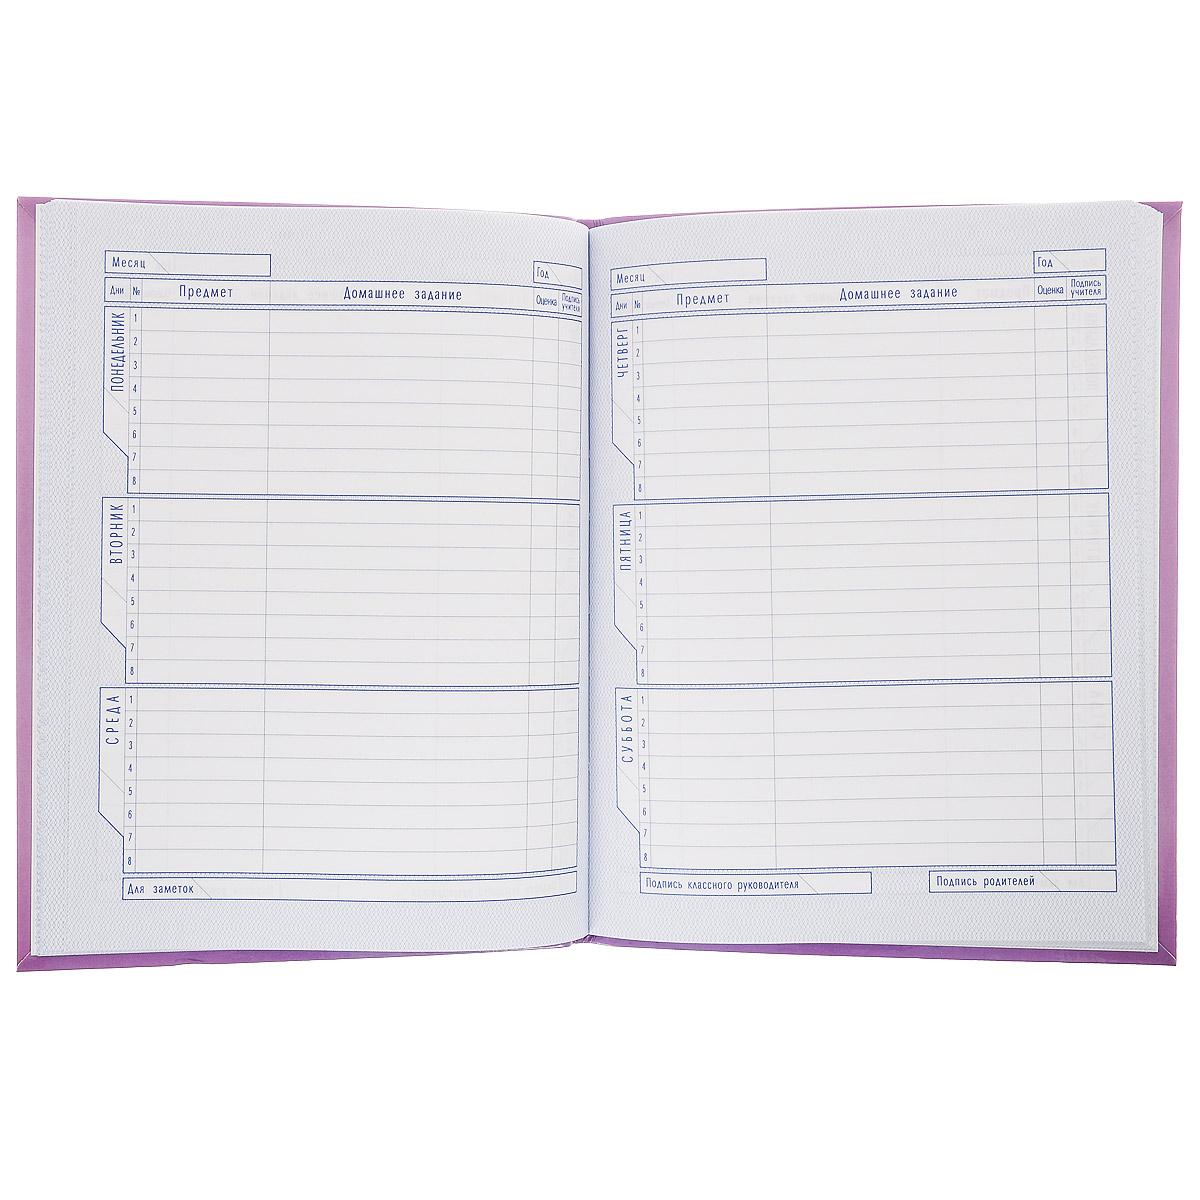 Школьный дневник Hatber The Dog предназначен для учащихся 5-11 классов.  Внутренний блок дневника состоит из 48 листов бумаги белого цвета. Обложка в интегральном переплете выполнена из глянцевого картона с изображением милых щенят.  В структуру дневника входят все необходимые разделы: информация о личных данных ученика, школе и педагогах, друзьях и одноклассниках, расписание факультативов и уроков по четвертям, сведения об успеваемости с рекомендациями педагогического коллектива. Дневник содержит номера телефонов экстренной помощи и даты государственных праздников. Кроме стандартной информации, в конце дневника имеется краткий справочник школьника по математике и русскому языку. Справочник содержит ряд формул, правил и подсказок по предмету, которому они предназначены.  Дневник Hatber The Dog  станет надежным помощником в освоении новых знаний и принесет радость своему хозяину, украшая учебные будни. Рекомендуемый возраст от 12 лет.